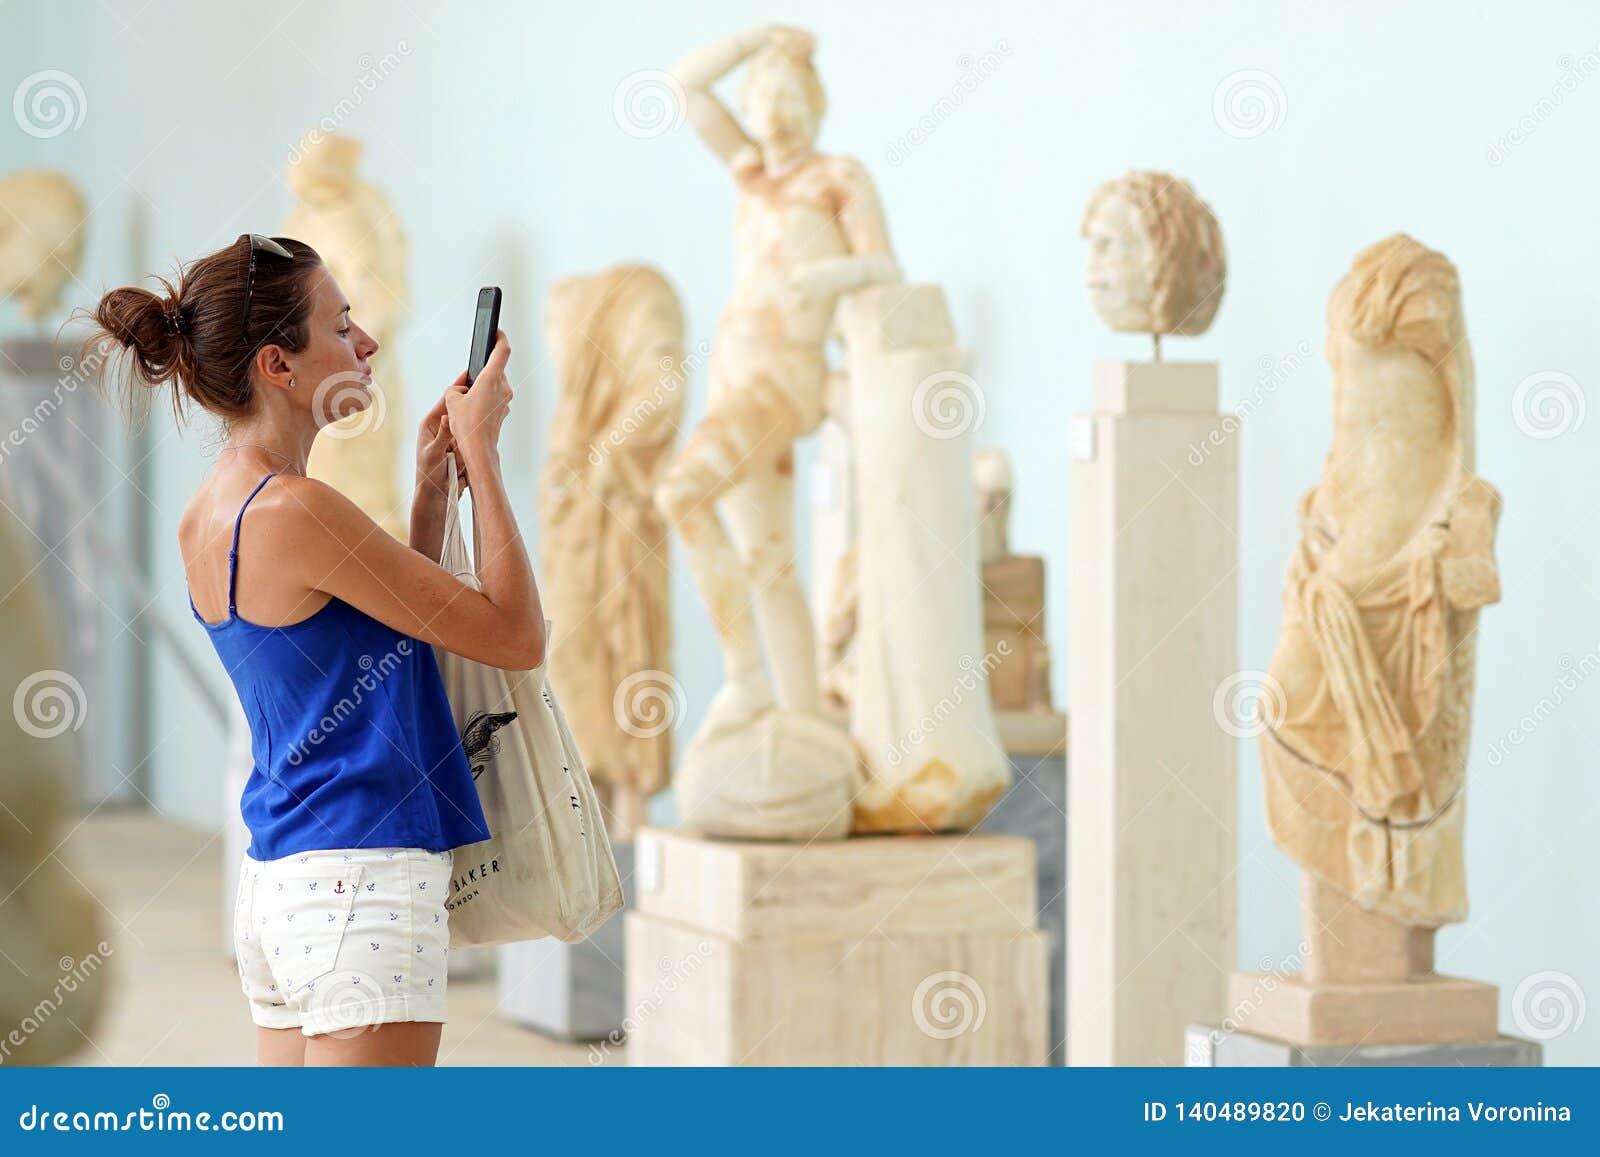 Mykonos Grekland, 11 September 2018, en turist tar fotografier i det arkeologiska museet